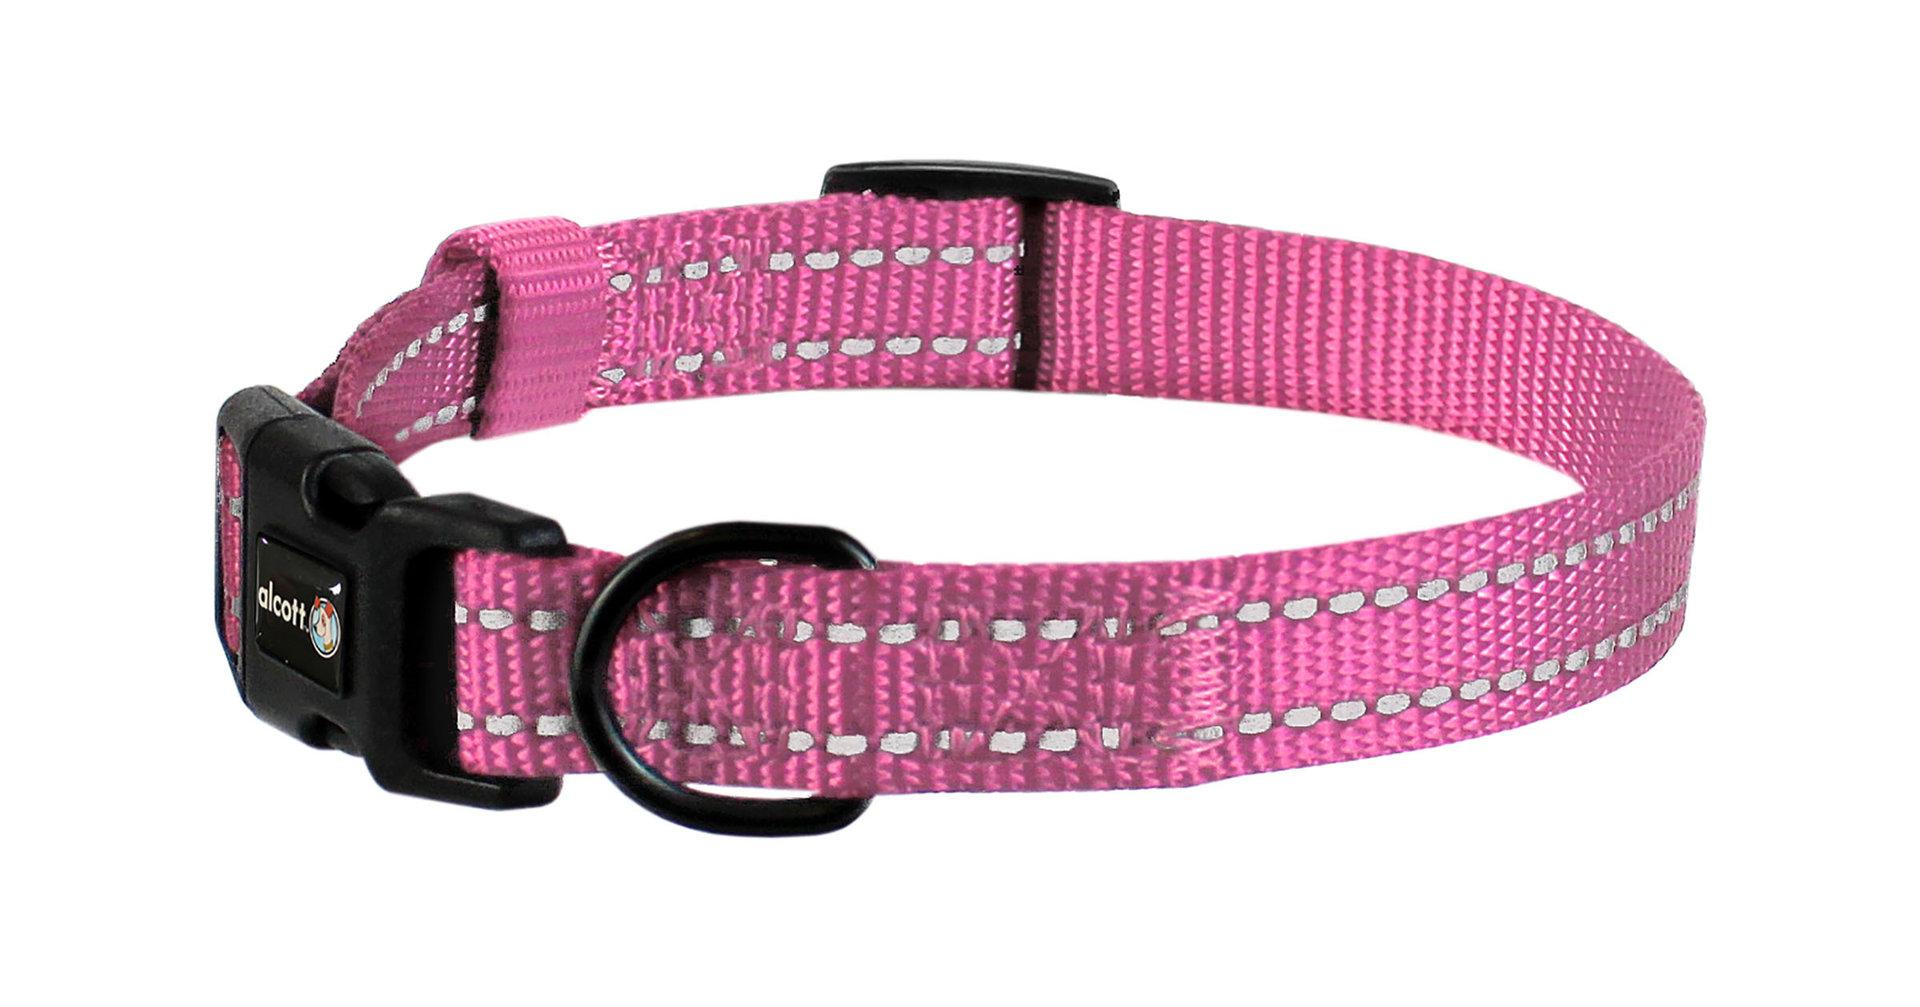 Wanderer Halsband, pink, S - L